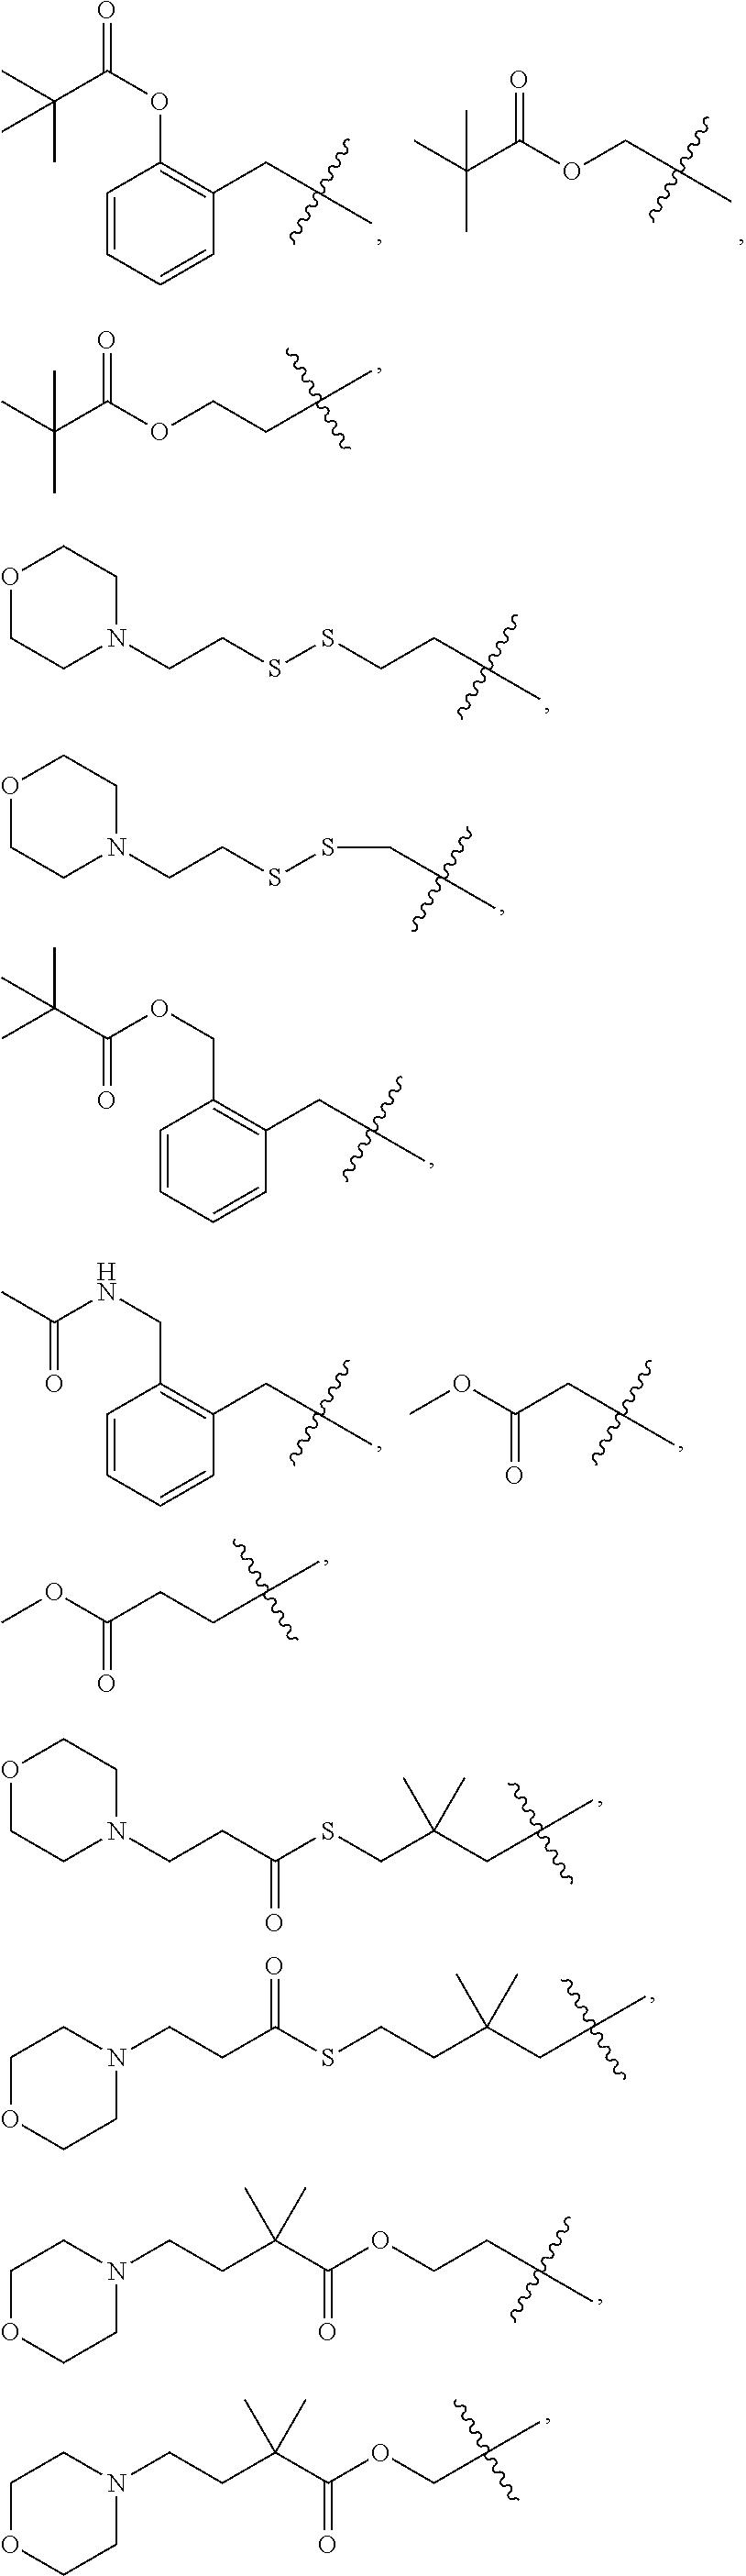 Figure US10160969-20181225-C00089